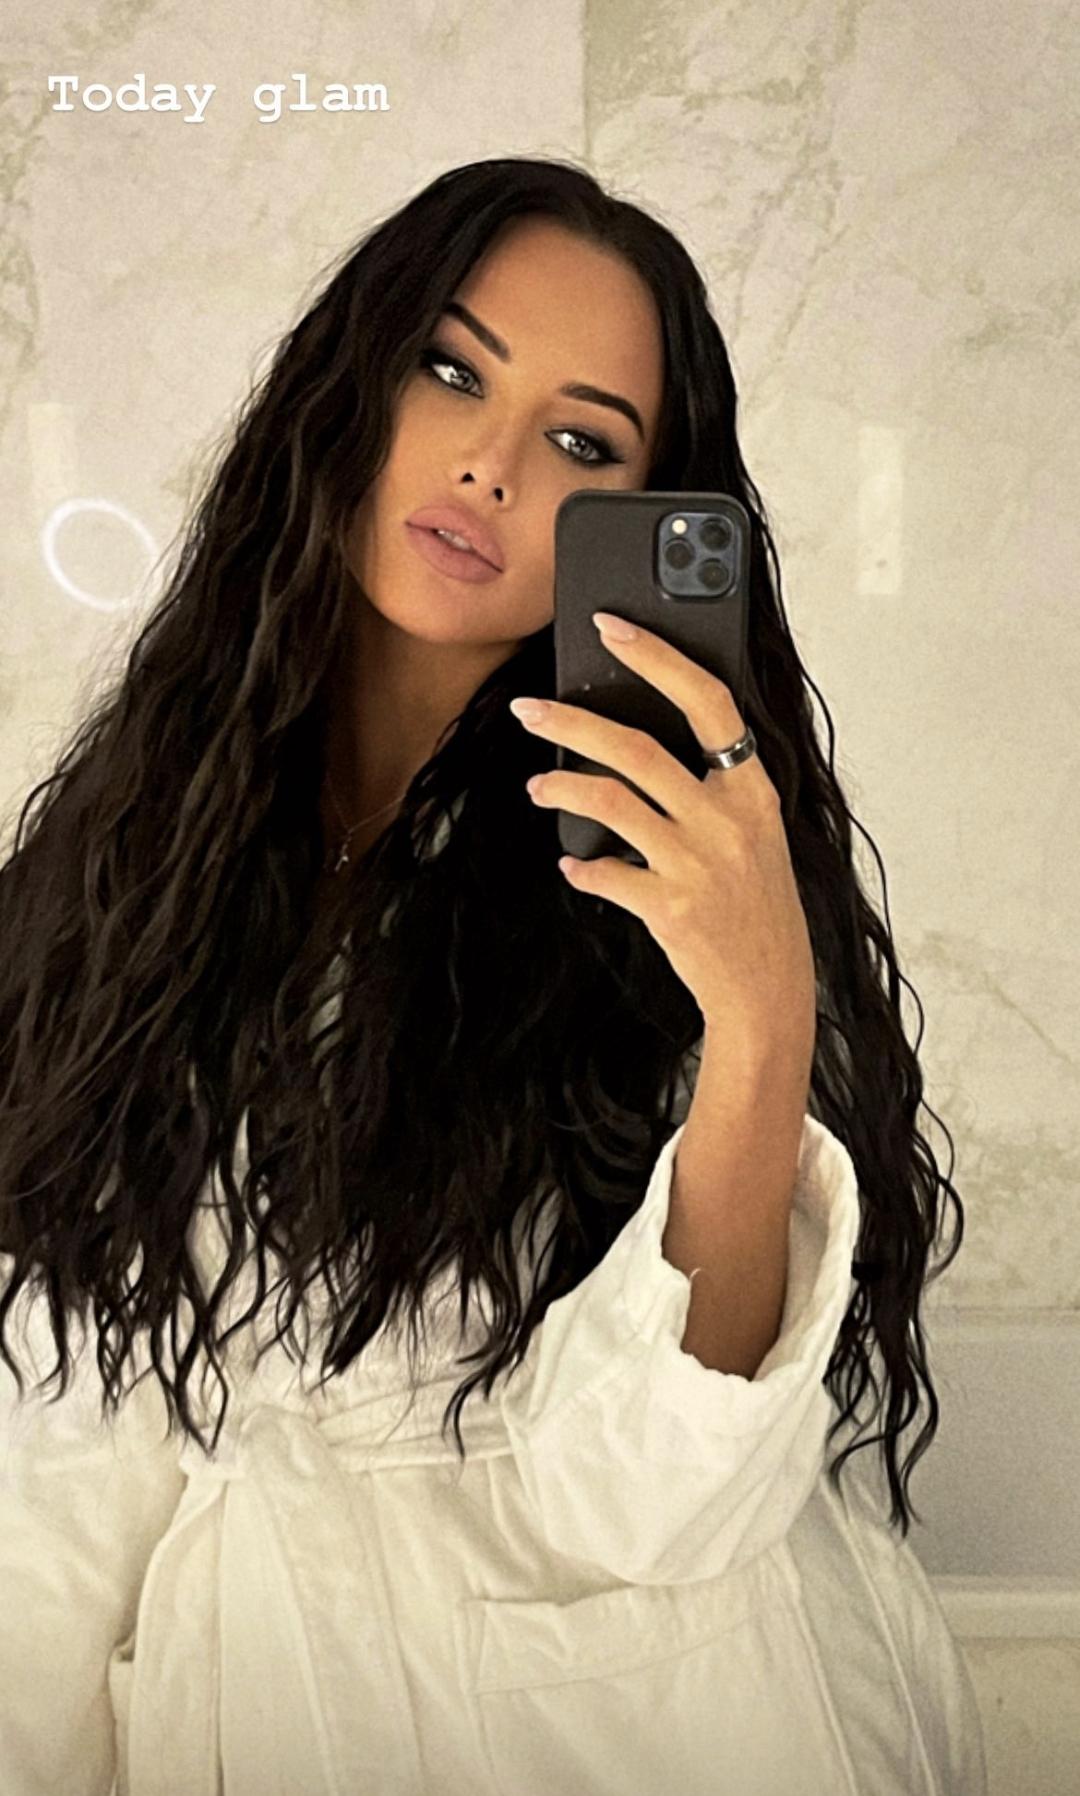 Анастасия Решетова впервые за долгое время сменила причёску